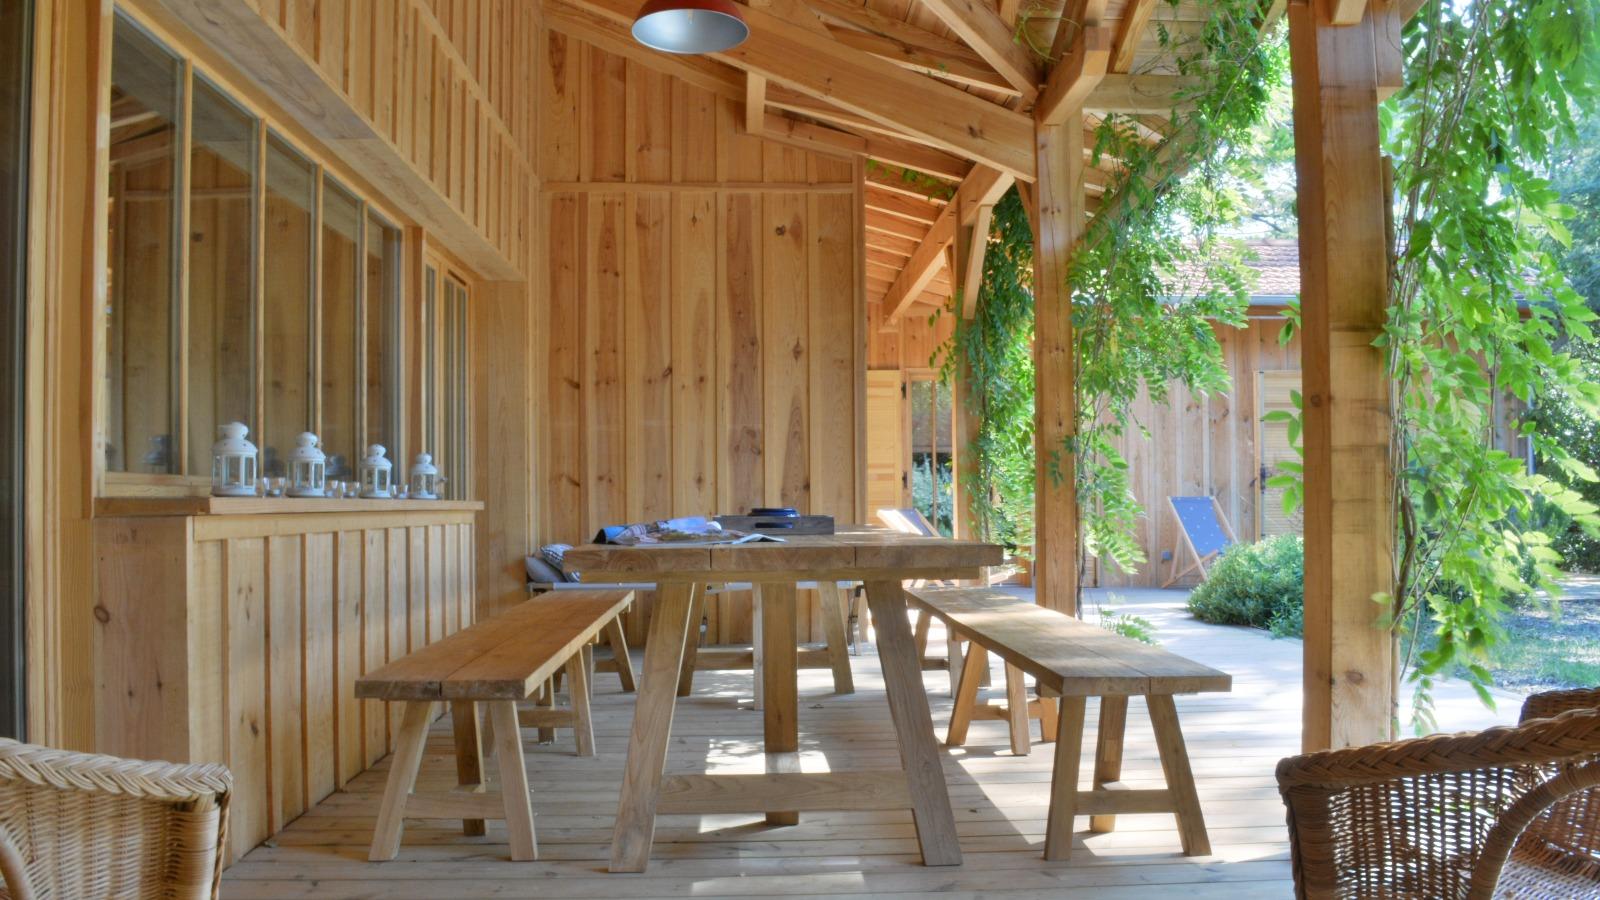 maison en bois esprit cabane proche plage maison bois 6 pièces 5